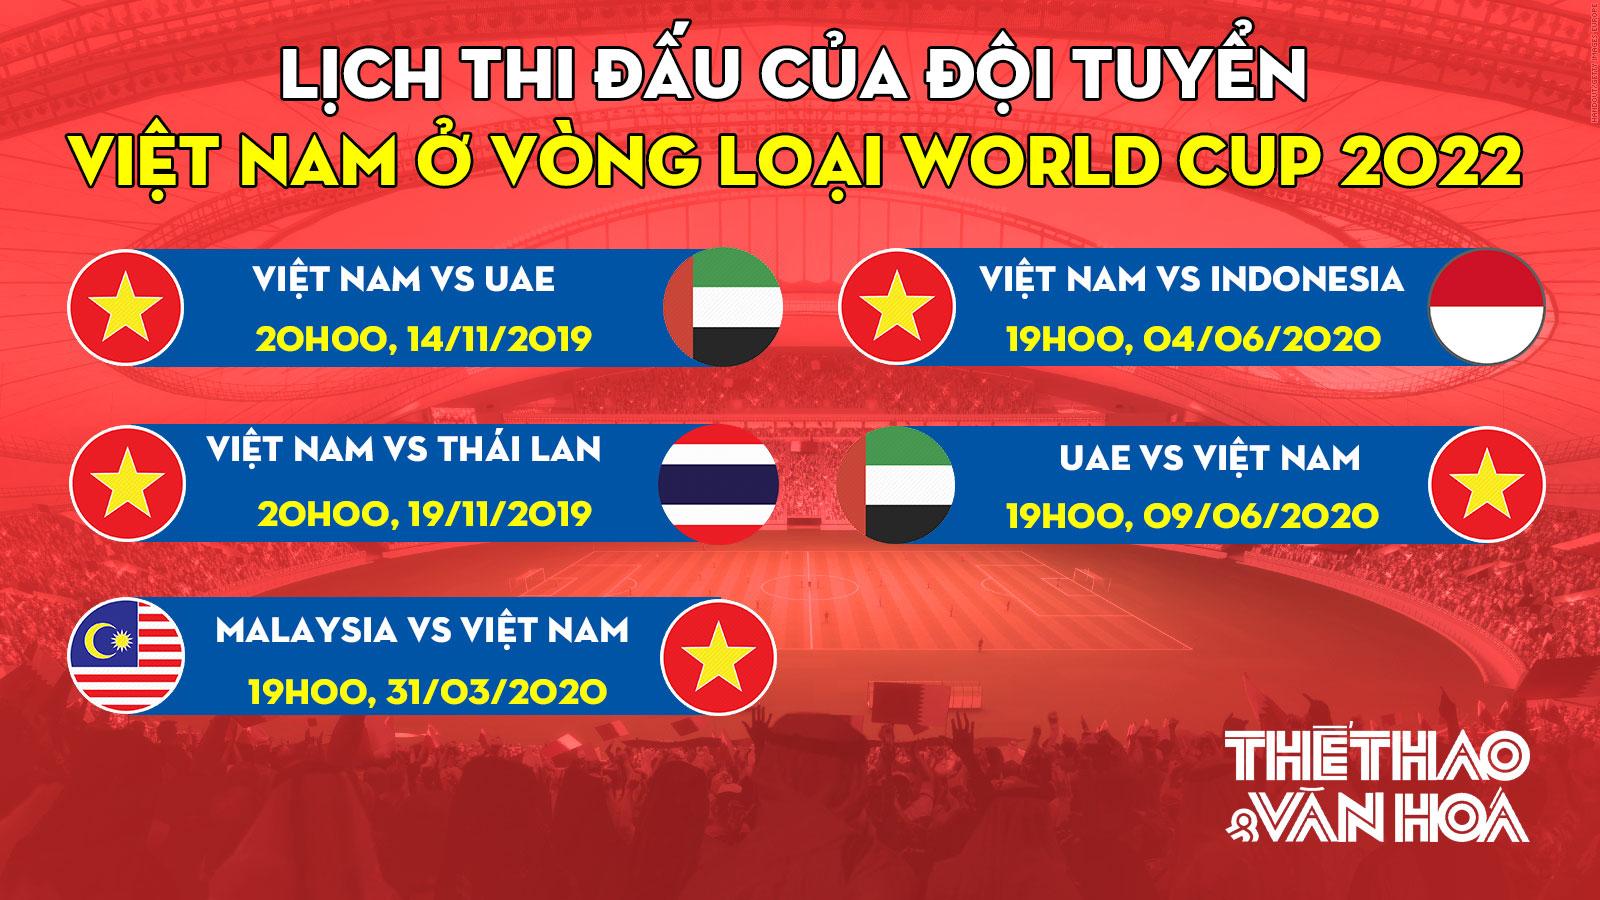 World Cup 2022, Thái Lan, Việt Nam, bóng đá, bong da, vòng loại World Cup 2022, Chanathip Songkrasin, Việt Nam vs Thái Lan, Nishino Akira